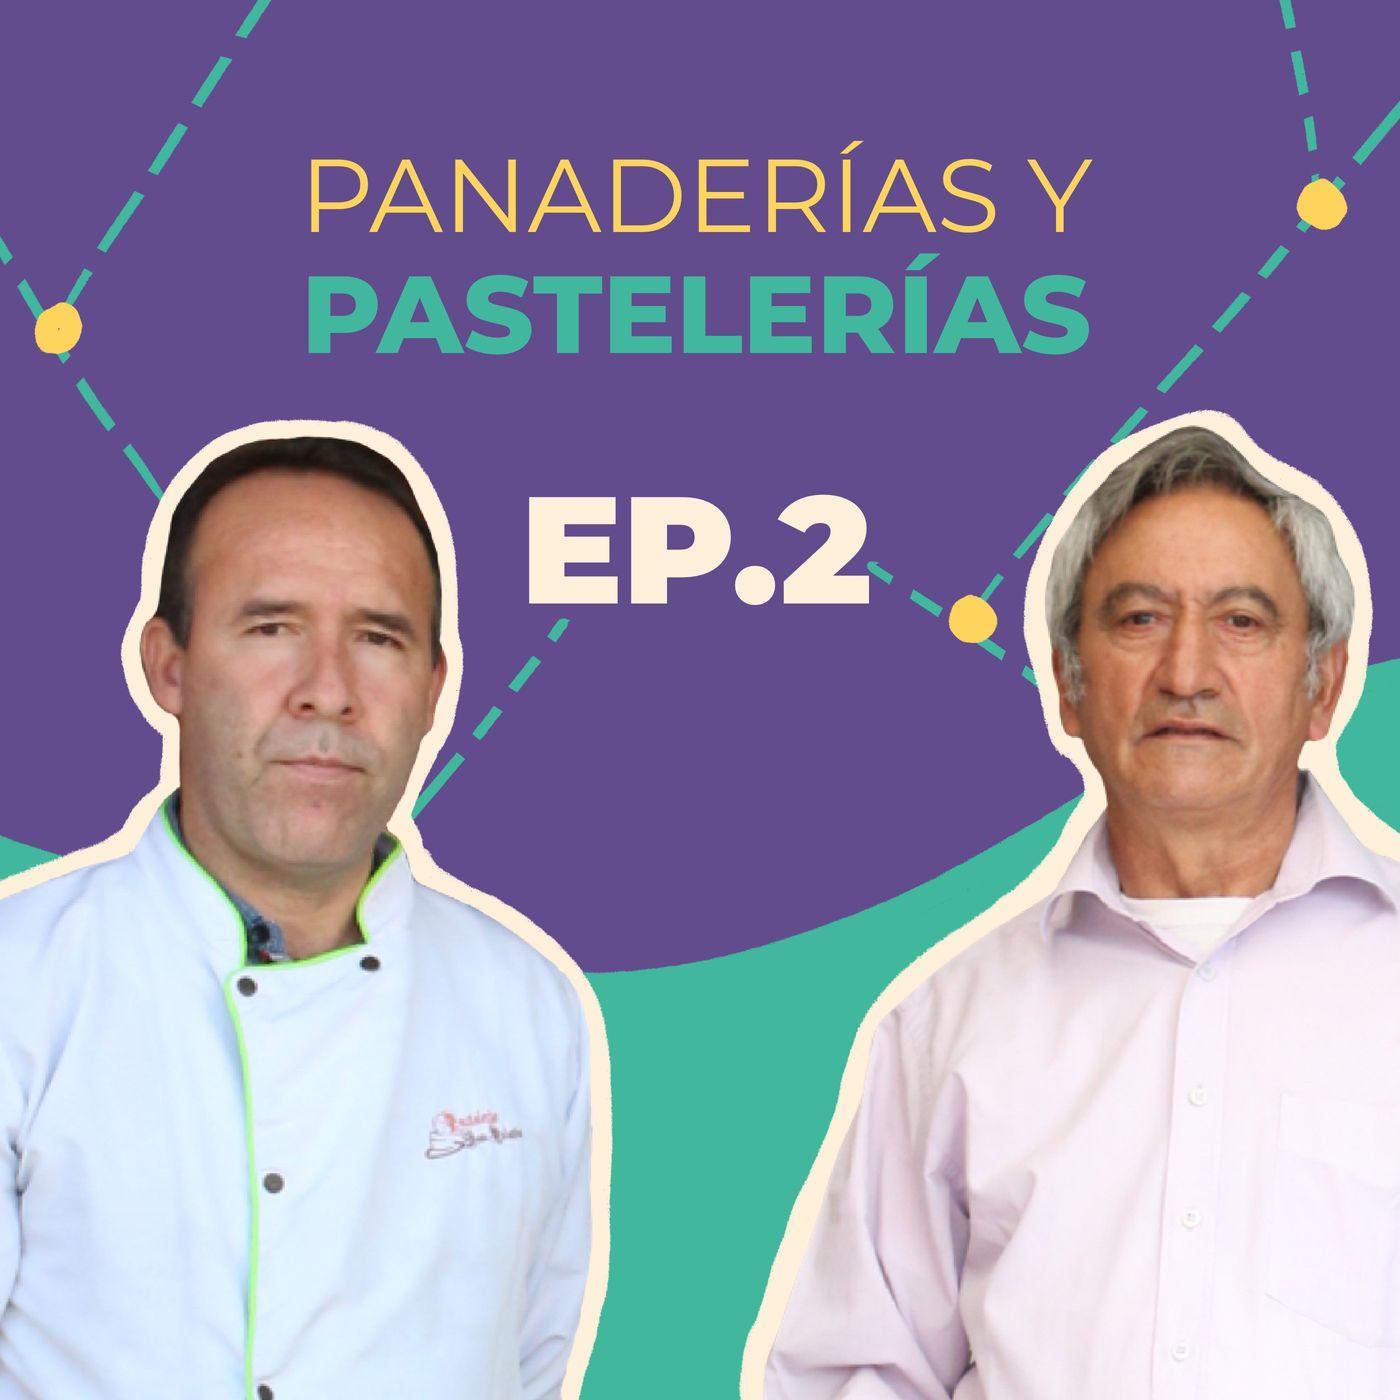 Panaderías y pastelerías en Bogotá | Bacatáfono: Historia entre-tiendas | EP2.T2